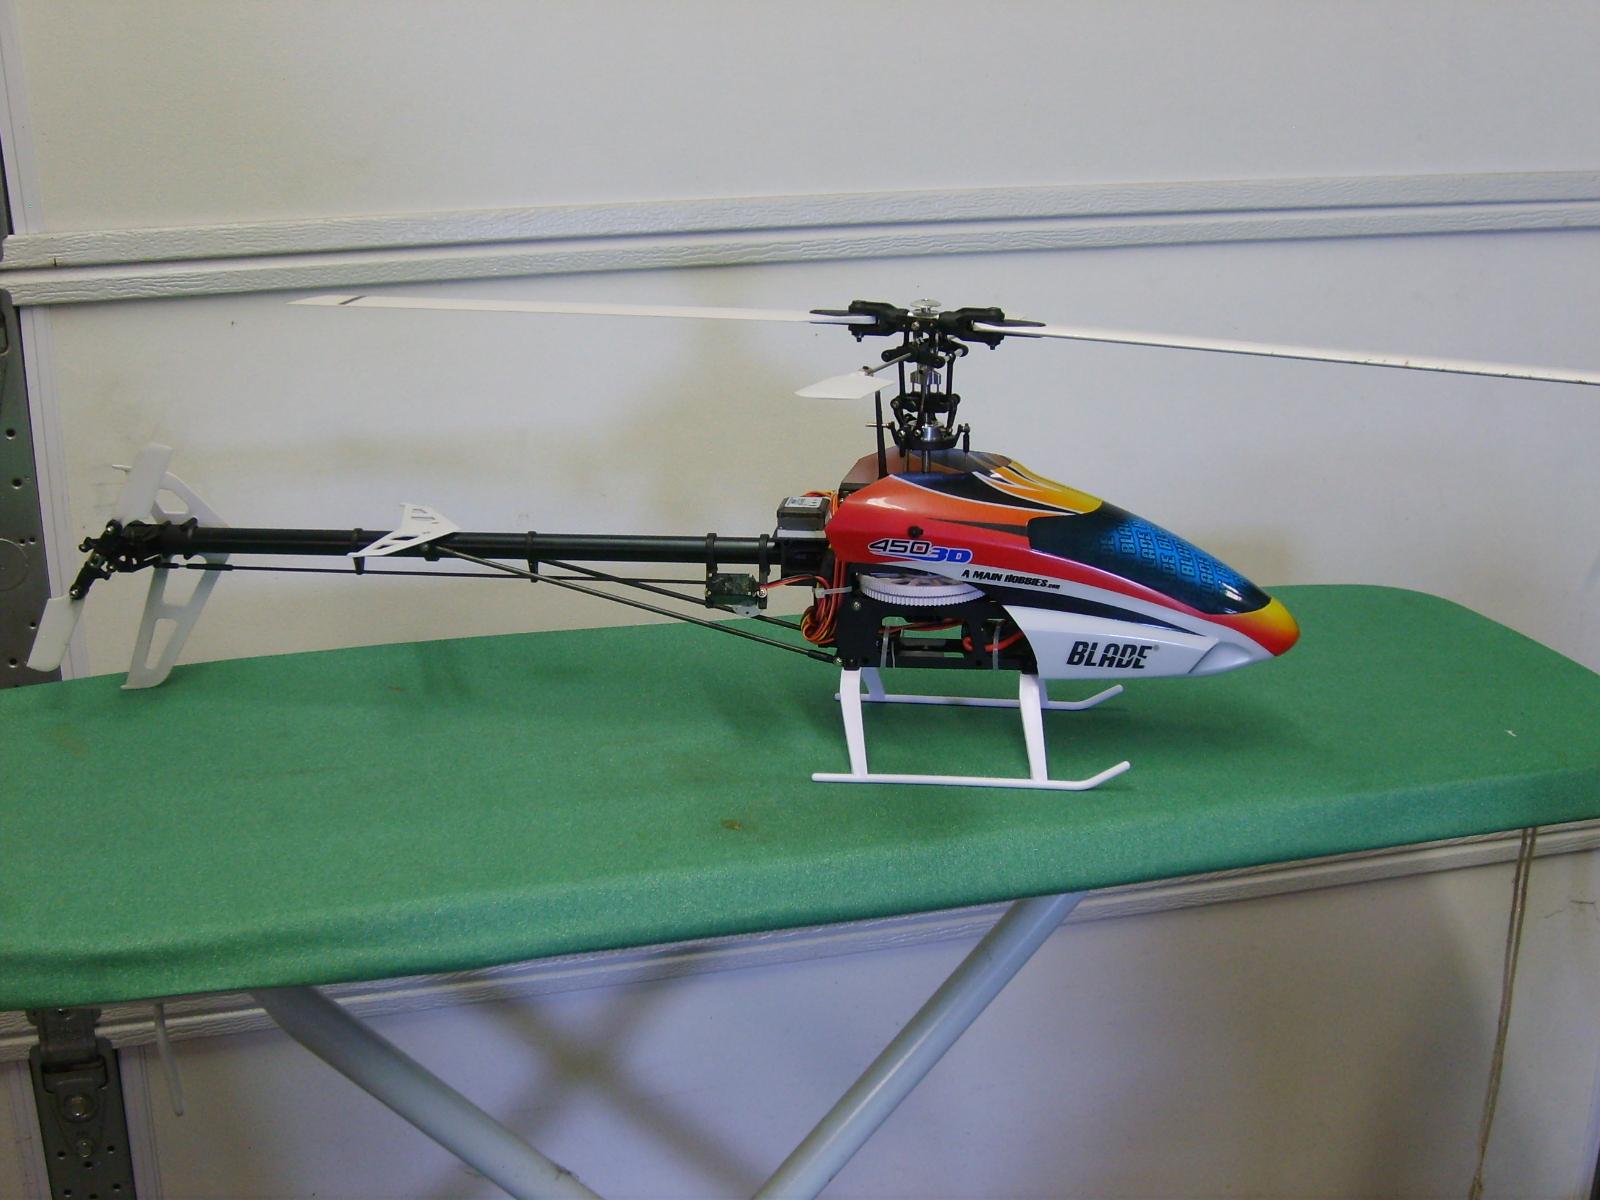 Blade 450 3D